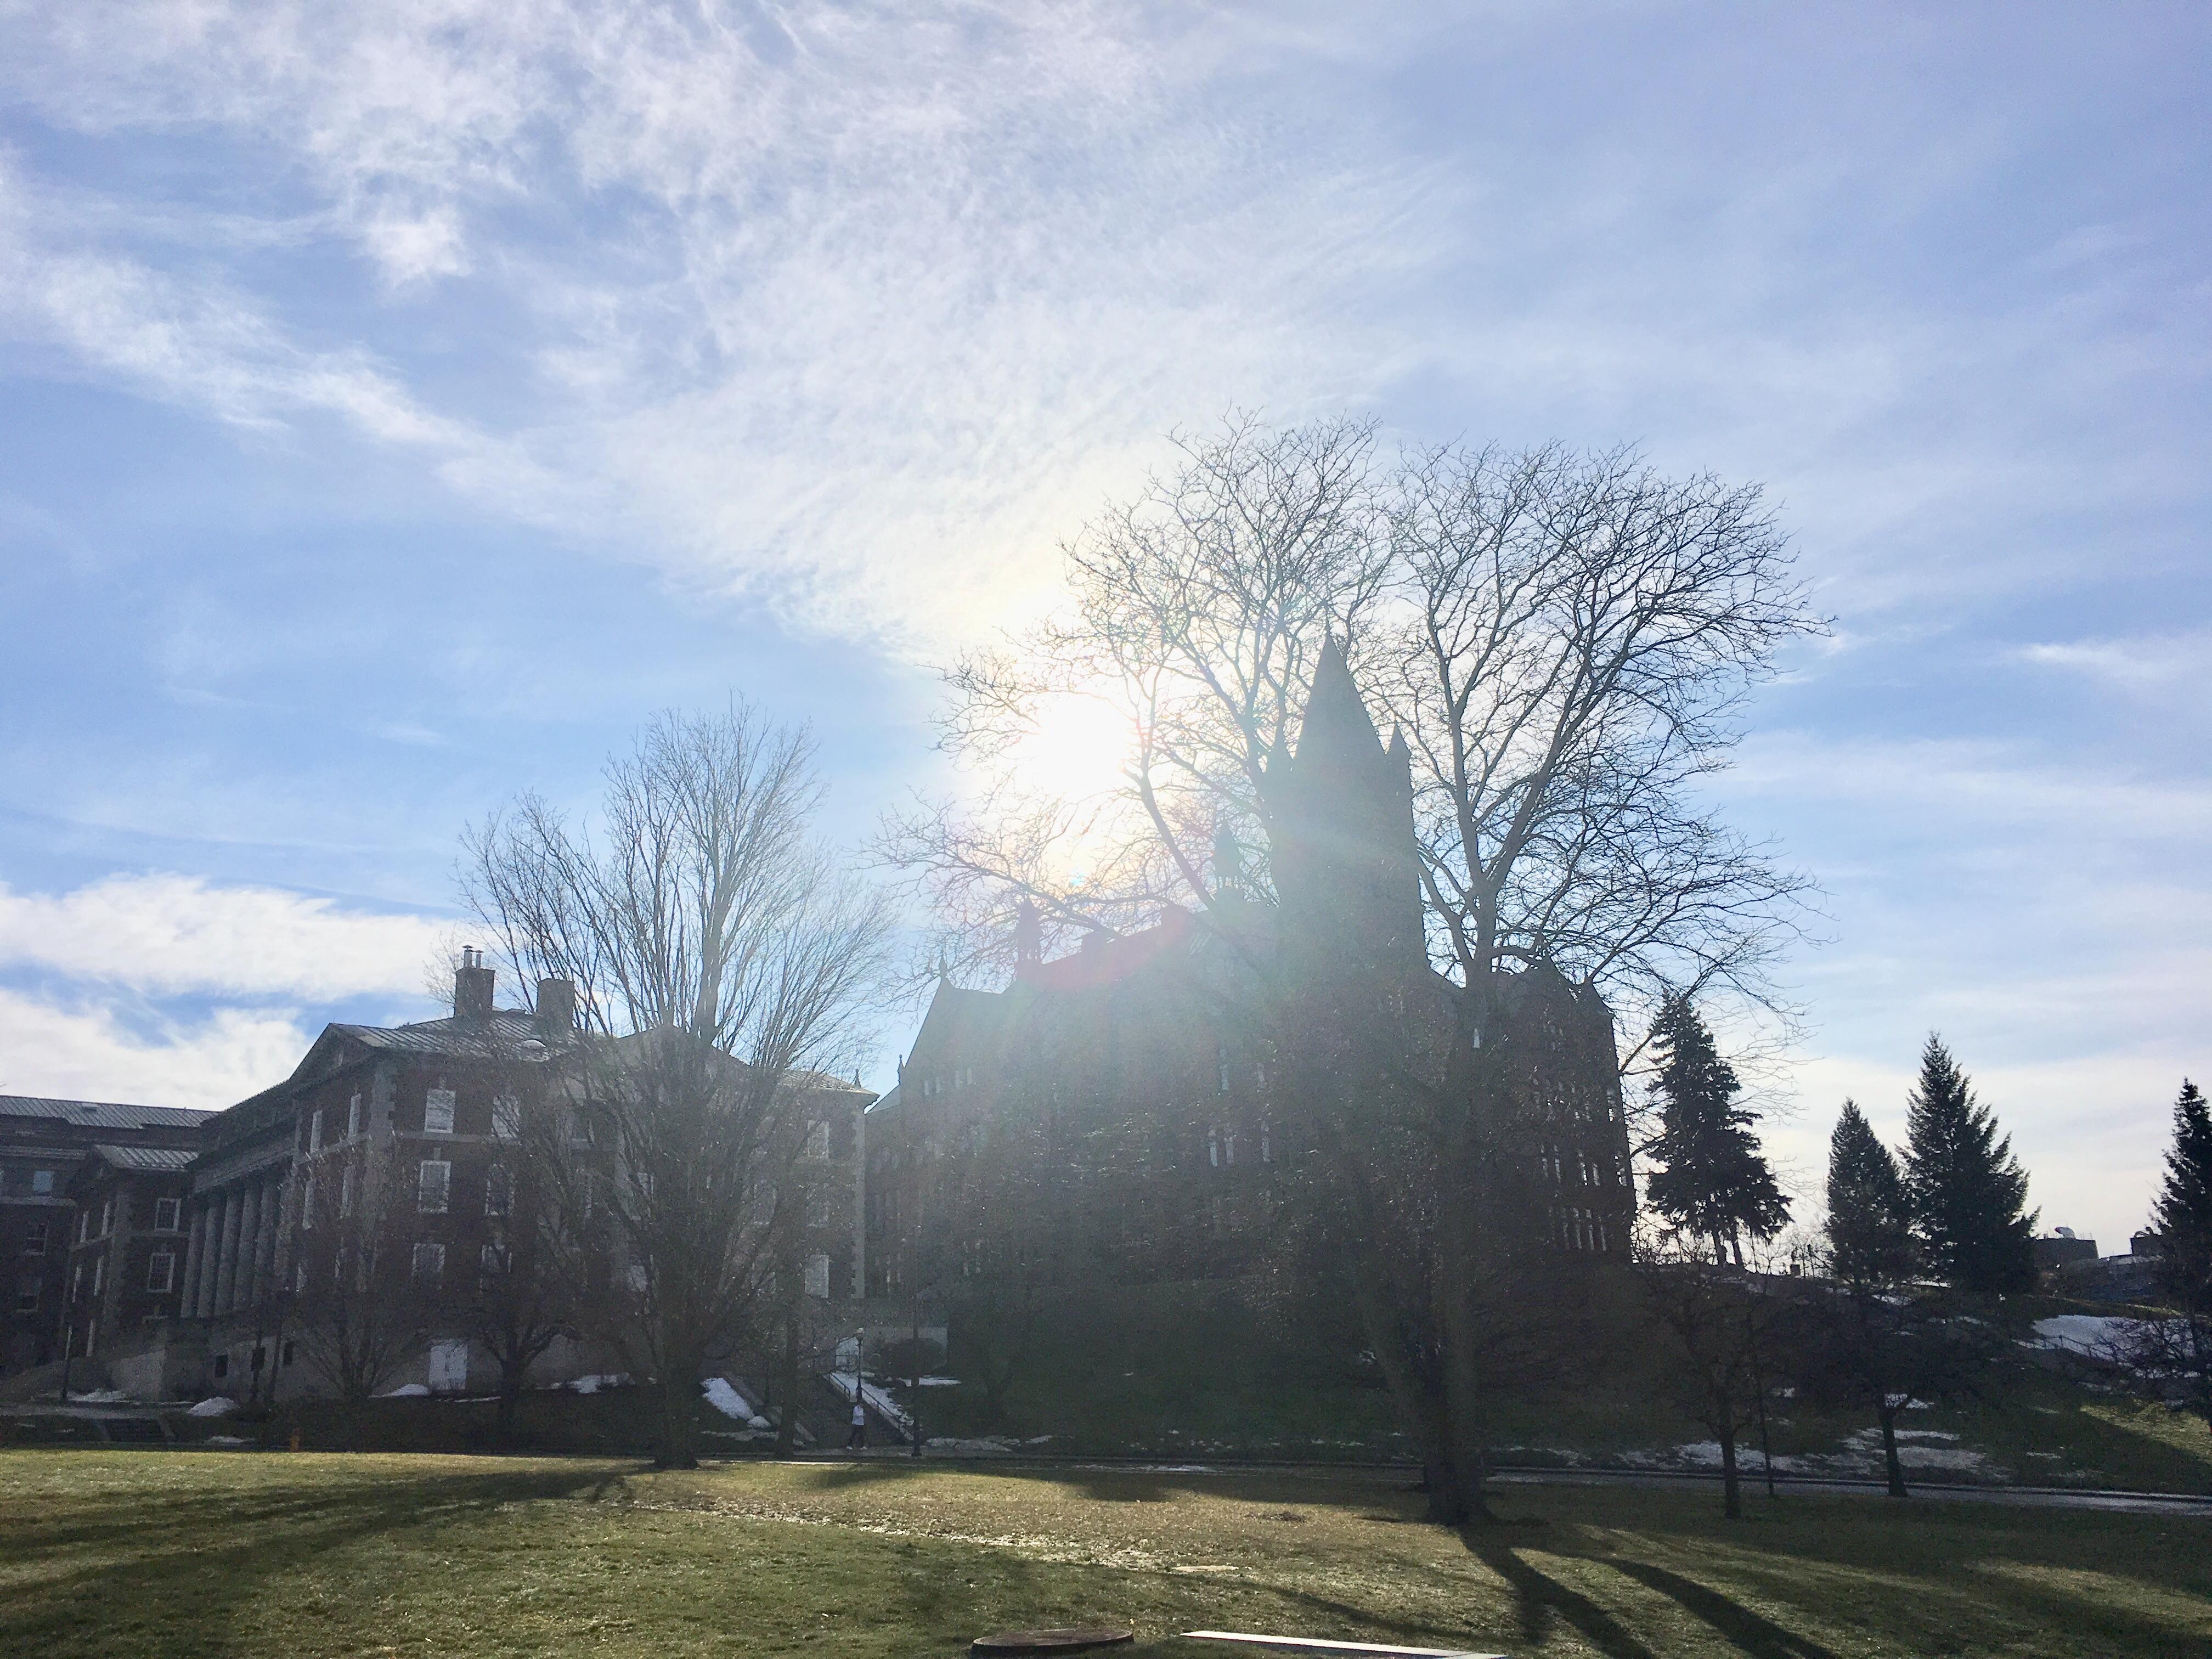 Sunteased, Syracuse University